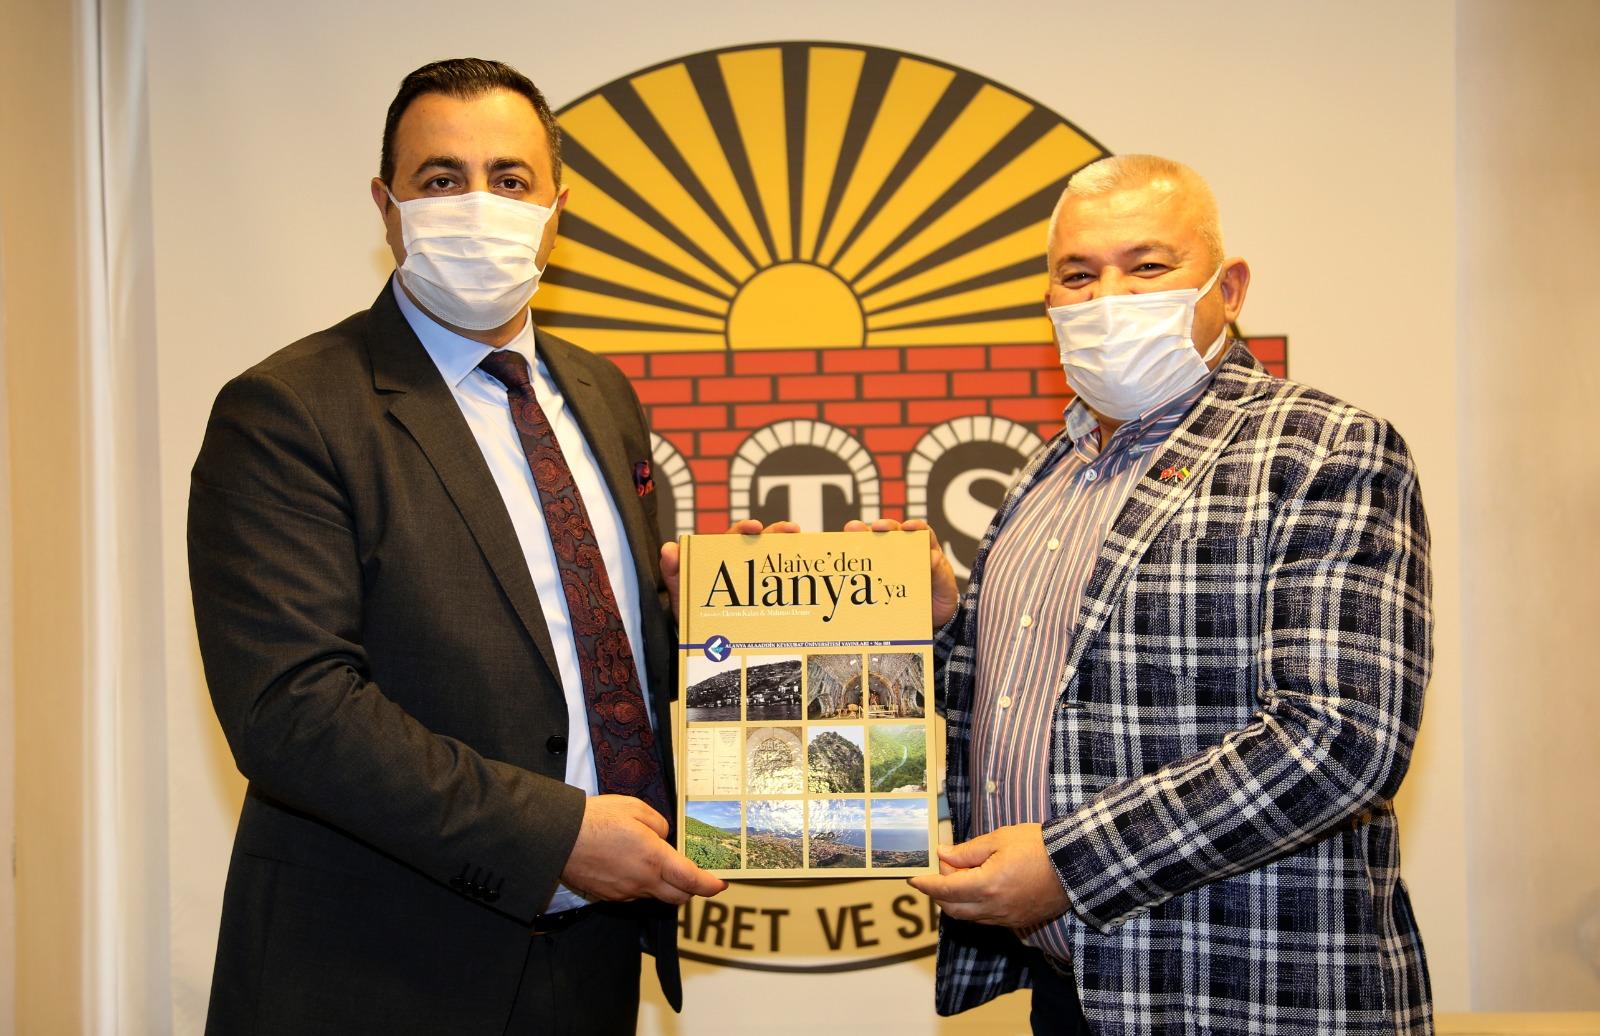 Rektör Kalan, Parti İlçe Başkanlarına Alanya tarihini anlatan kitabı hediye etti